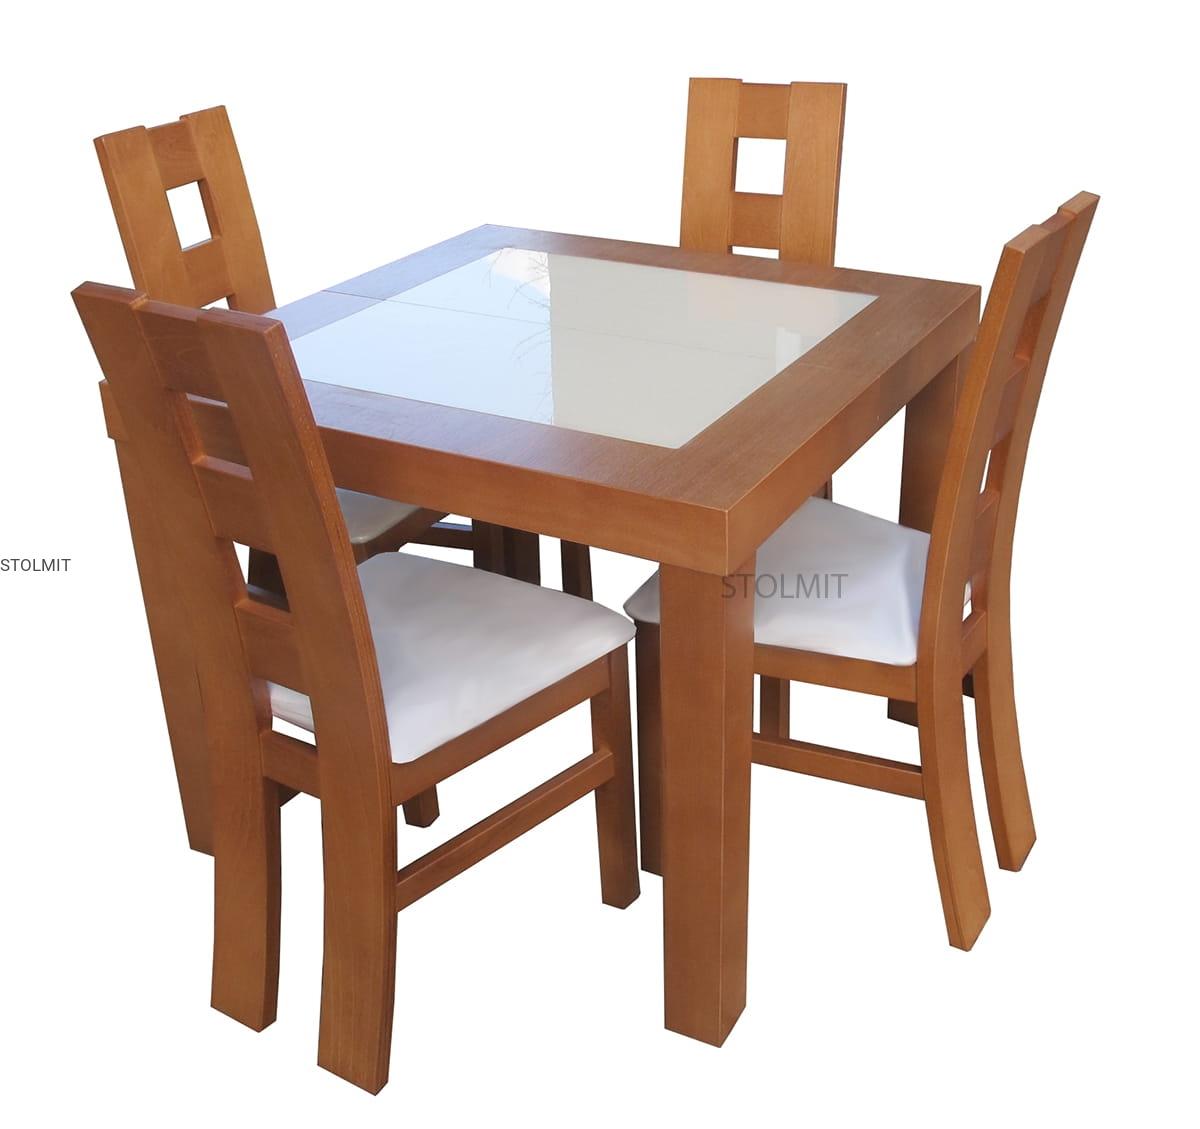 Stół Kwadratowy Rozkładany Masywny Wymiary Stolmitmeble